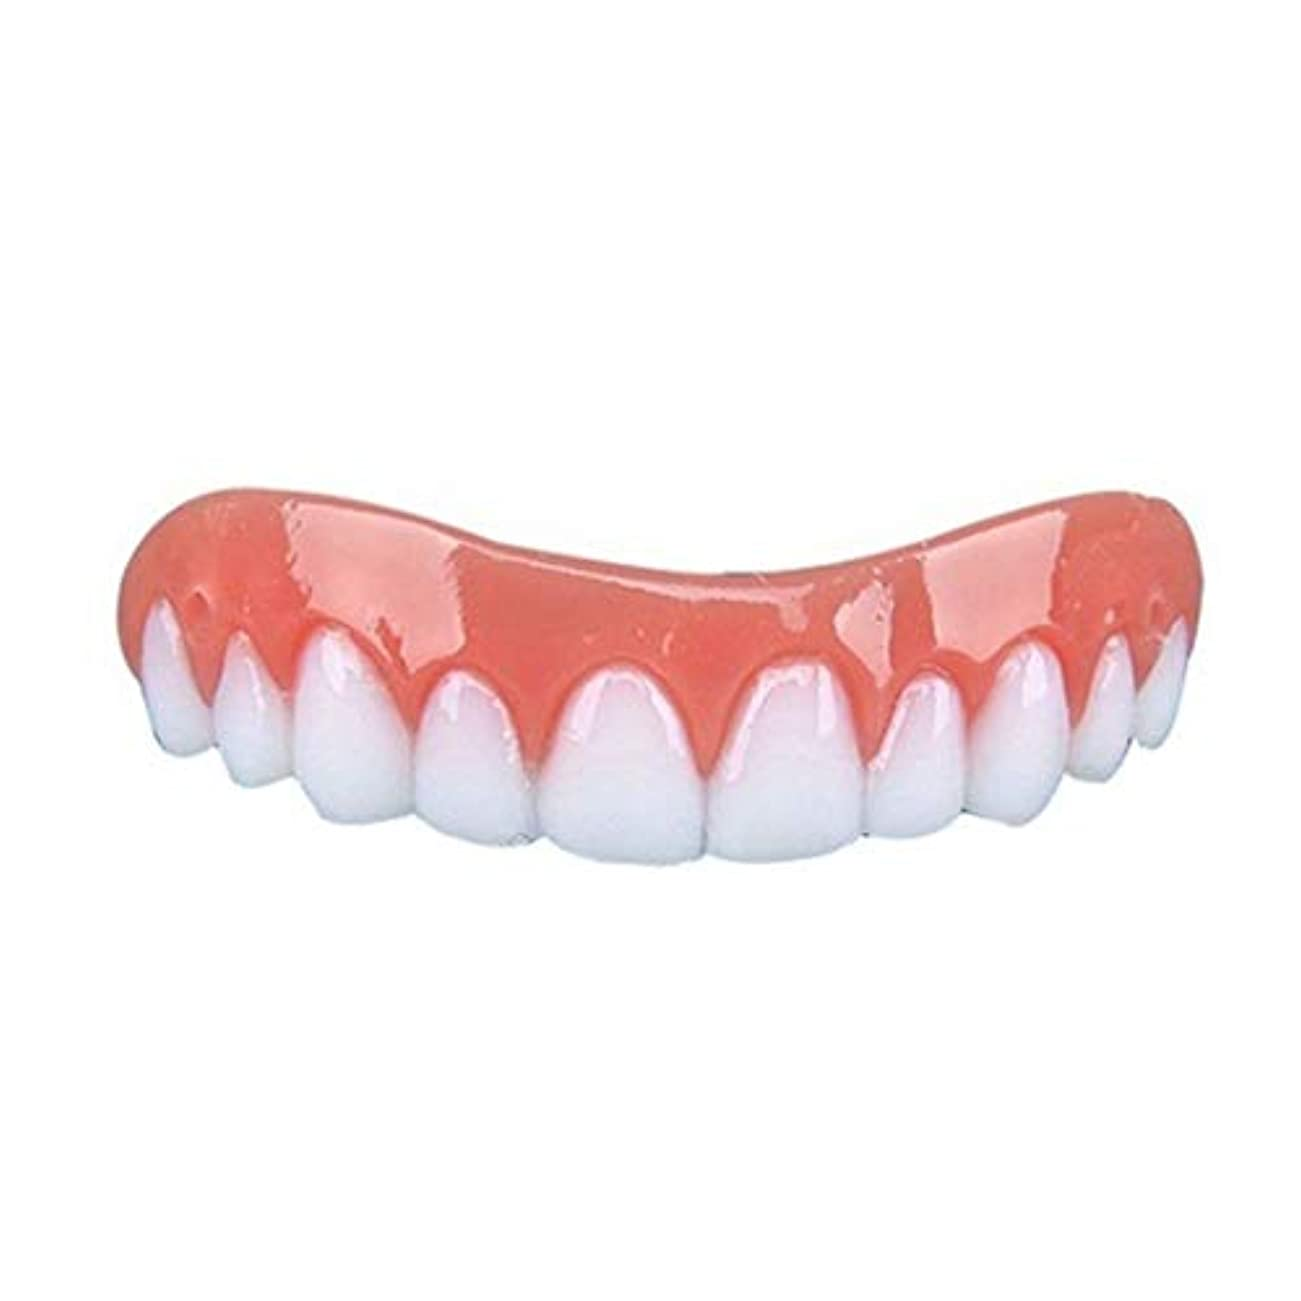 ピンク騒バスルームBartram 歯カバー シリコン義歯ペースト 上歯 笑顔を保つ 歯保護 美容用 入れ歯 矯正義歯